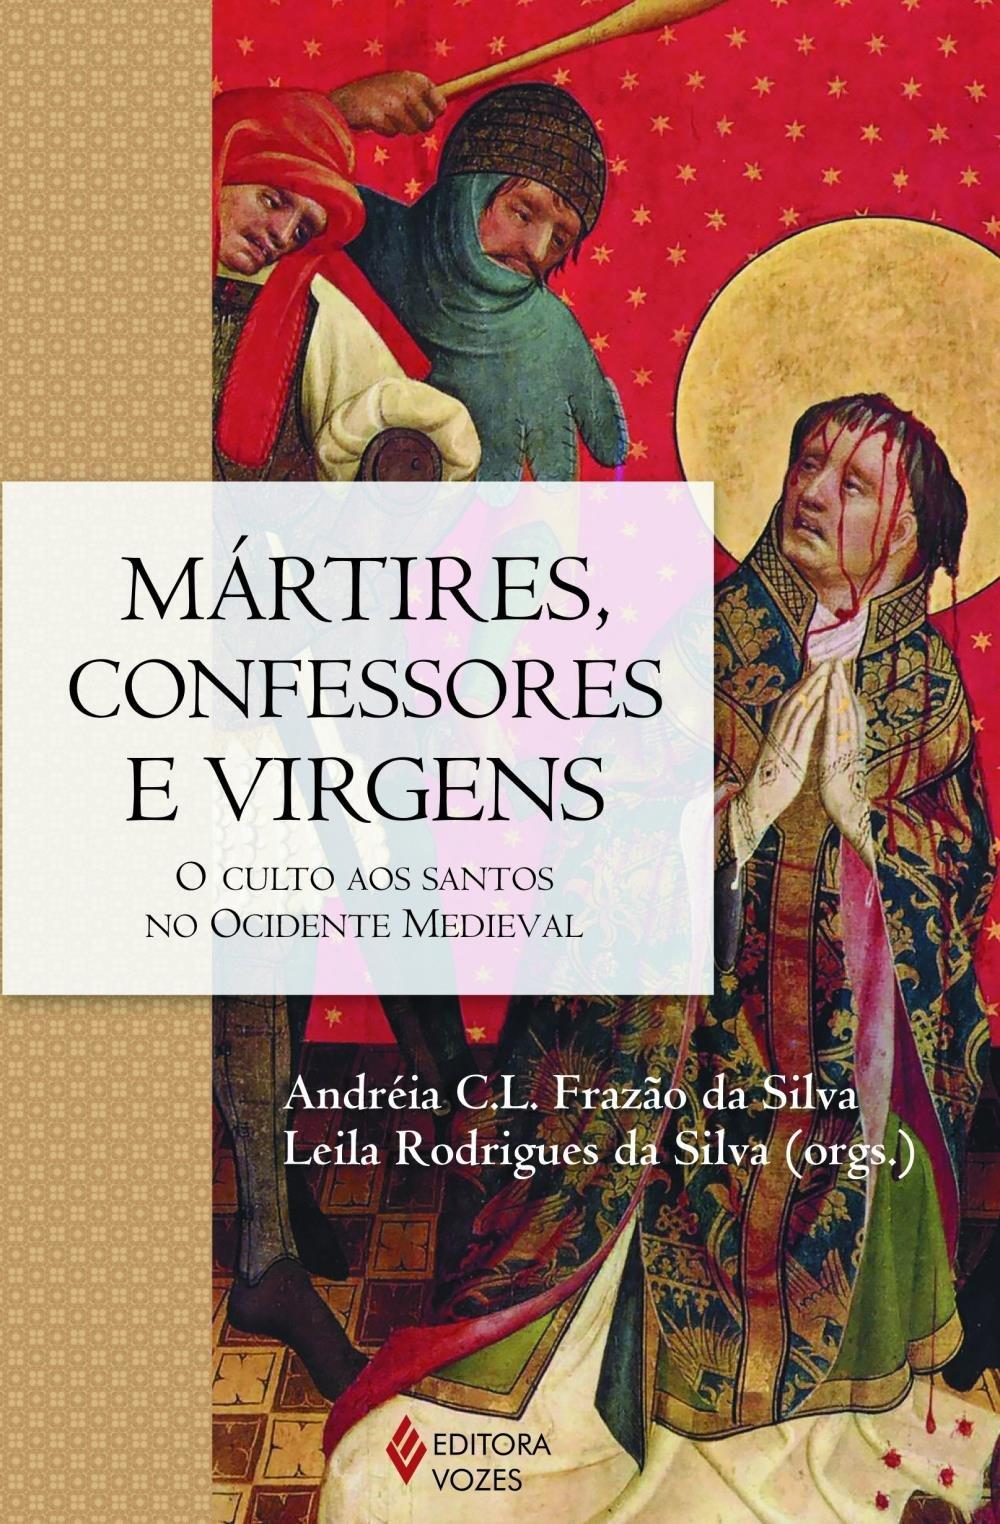 A Civilização Do Ocidente Medieval Pdf mártires, confessores e virgens - o culto aos santos no ocidente medieval